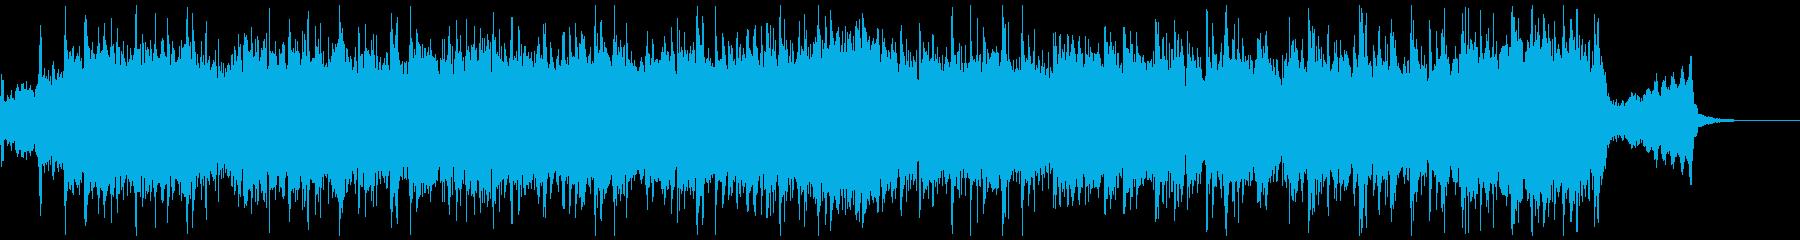 【30秒】情熱大陸の様なバイオリンBGMの再生済みの波形